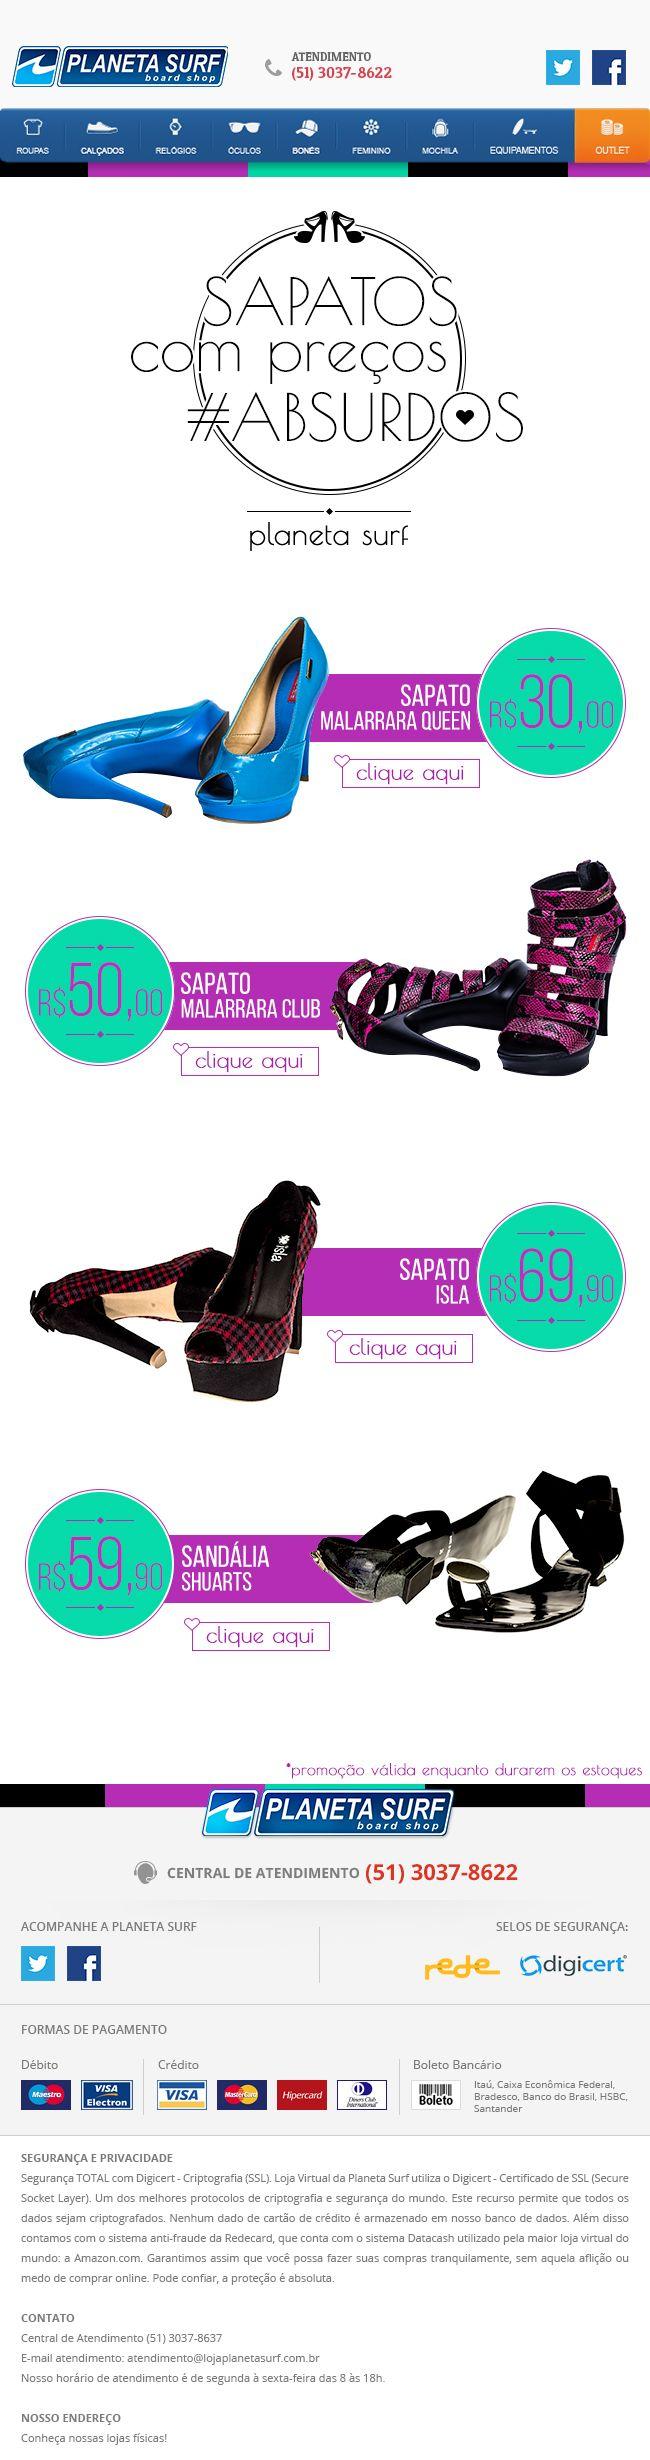 """E-mail Marketing desenvolvido para loja Planeta Surf, com o tema """"Sapatos com preços absurdos"""".  Splashbox desenvolvida para a loja virtual do cliente Sul Games.  Direção de Arte: ALEXANDRE R. Agência: TRINTO"""